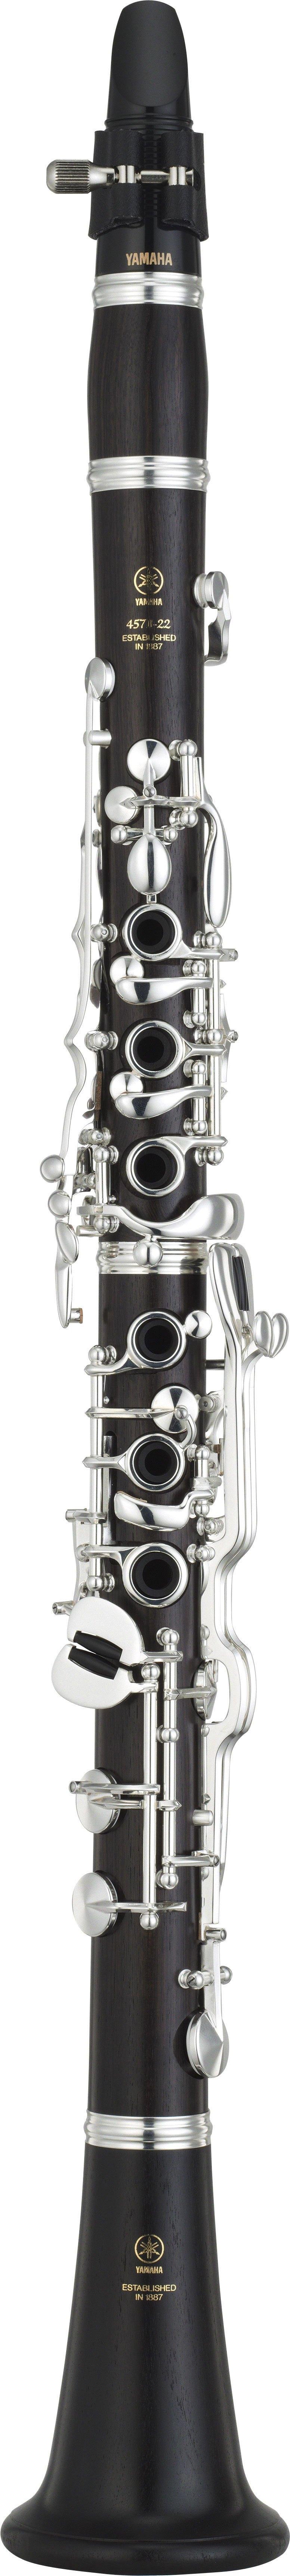 Yamaha - YCL-457-22-II - Holzblasinstrumente - Klarinetten | MUSIK BERTRAM Deutschland Freiburg